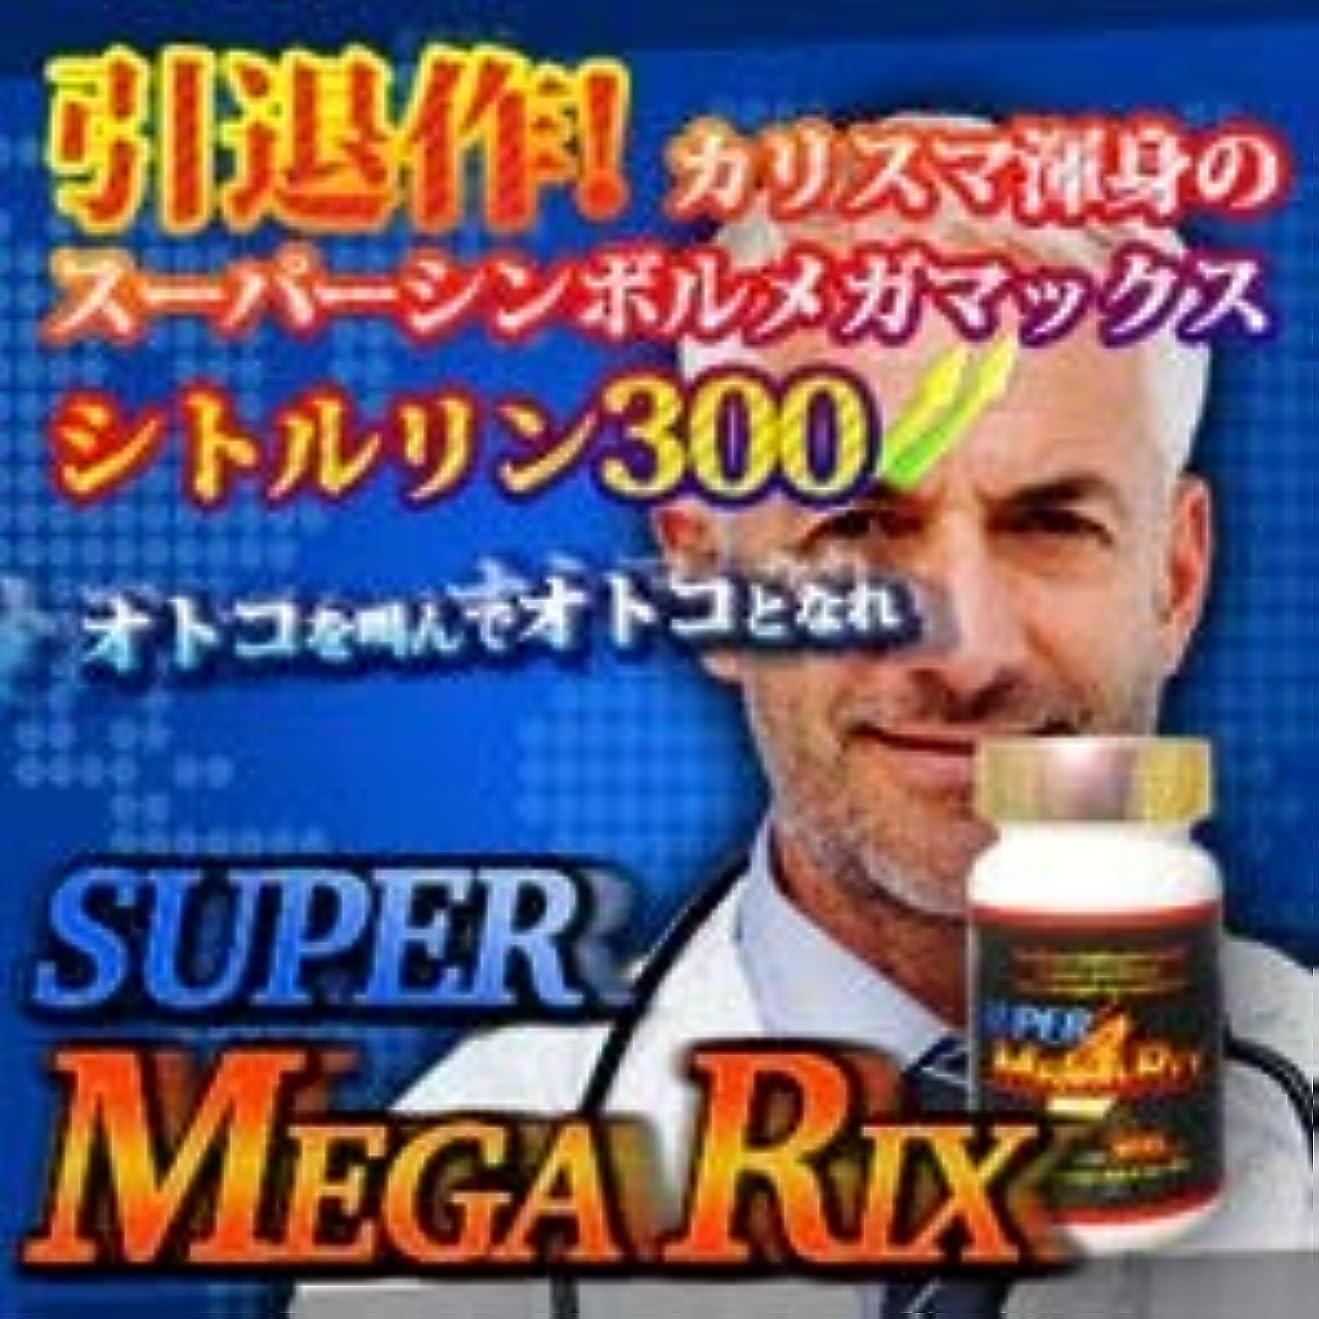 操作自分の慎重にサイオ Super Megarix(スーパーメガリクス)120錠 特別価格120錠×1個